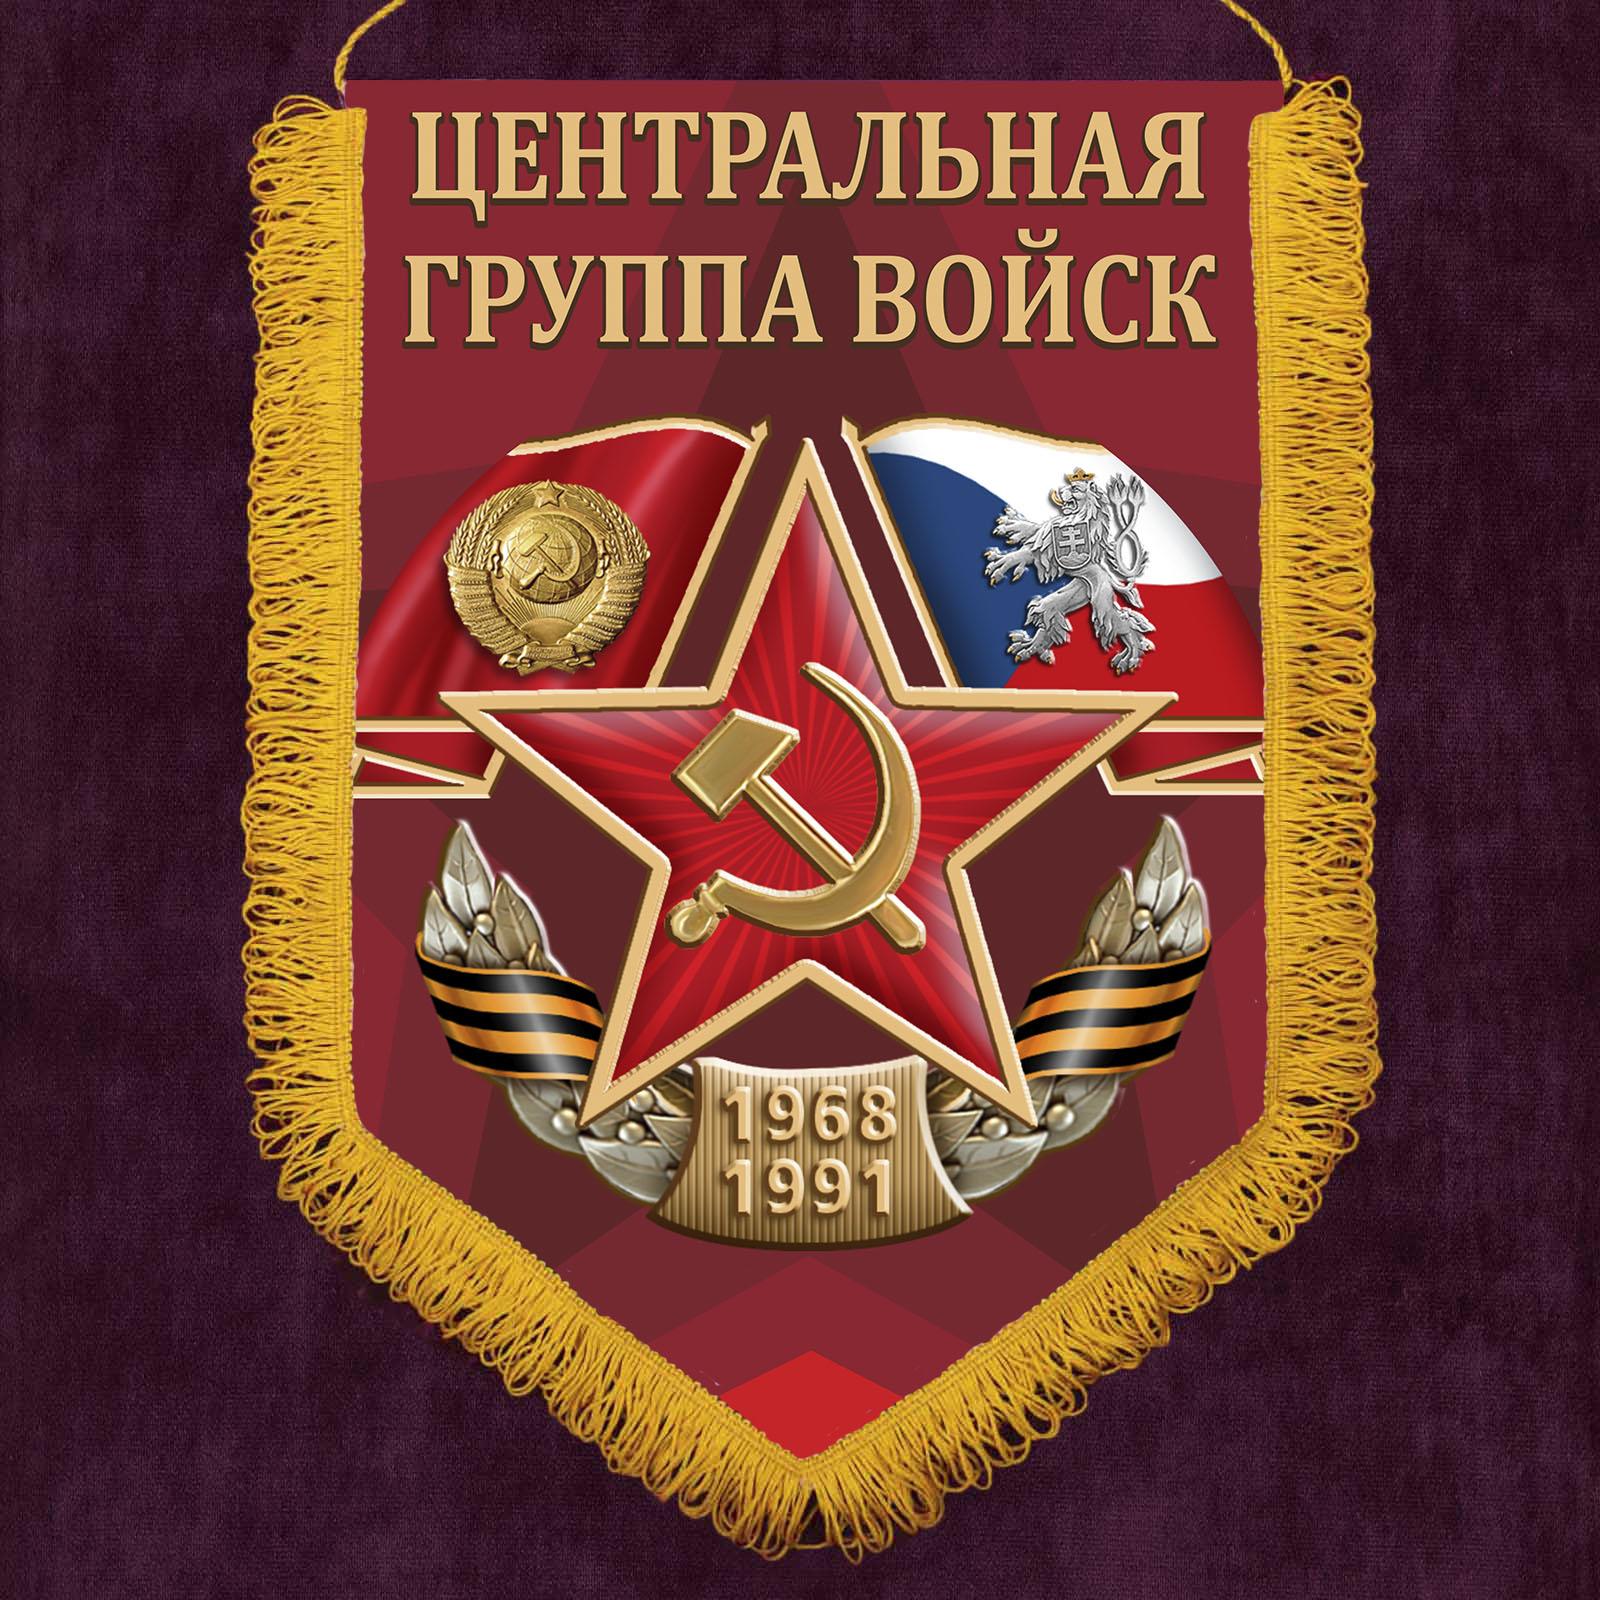 Подарочный вымпел Центральная группа войск